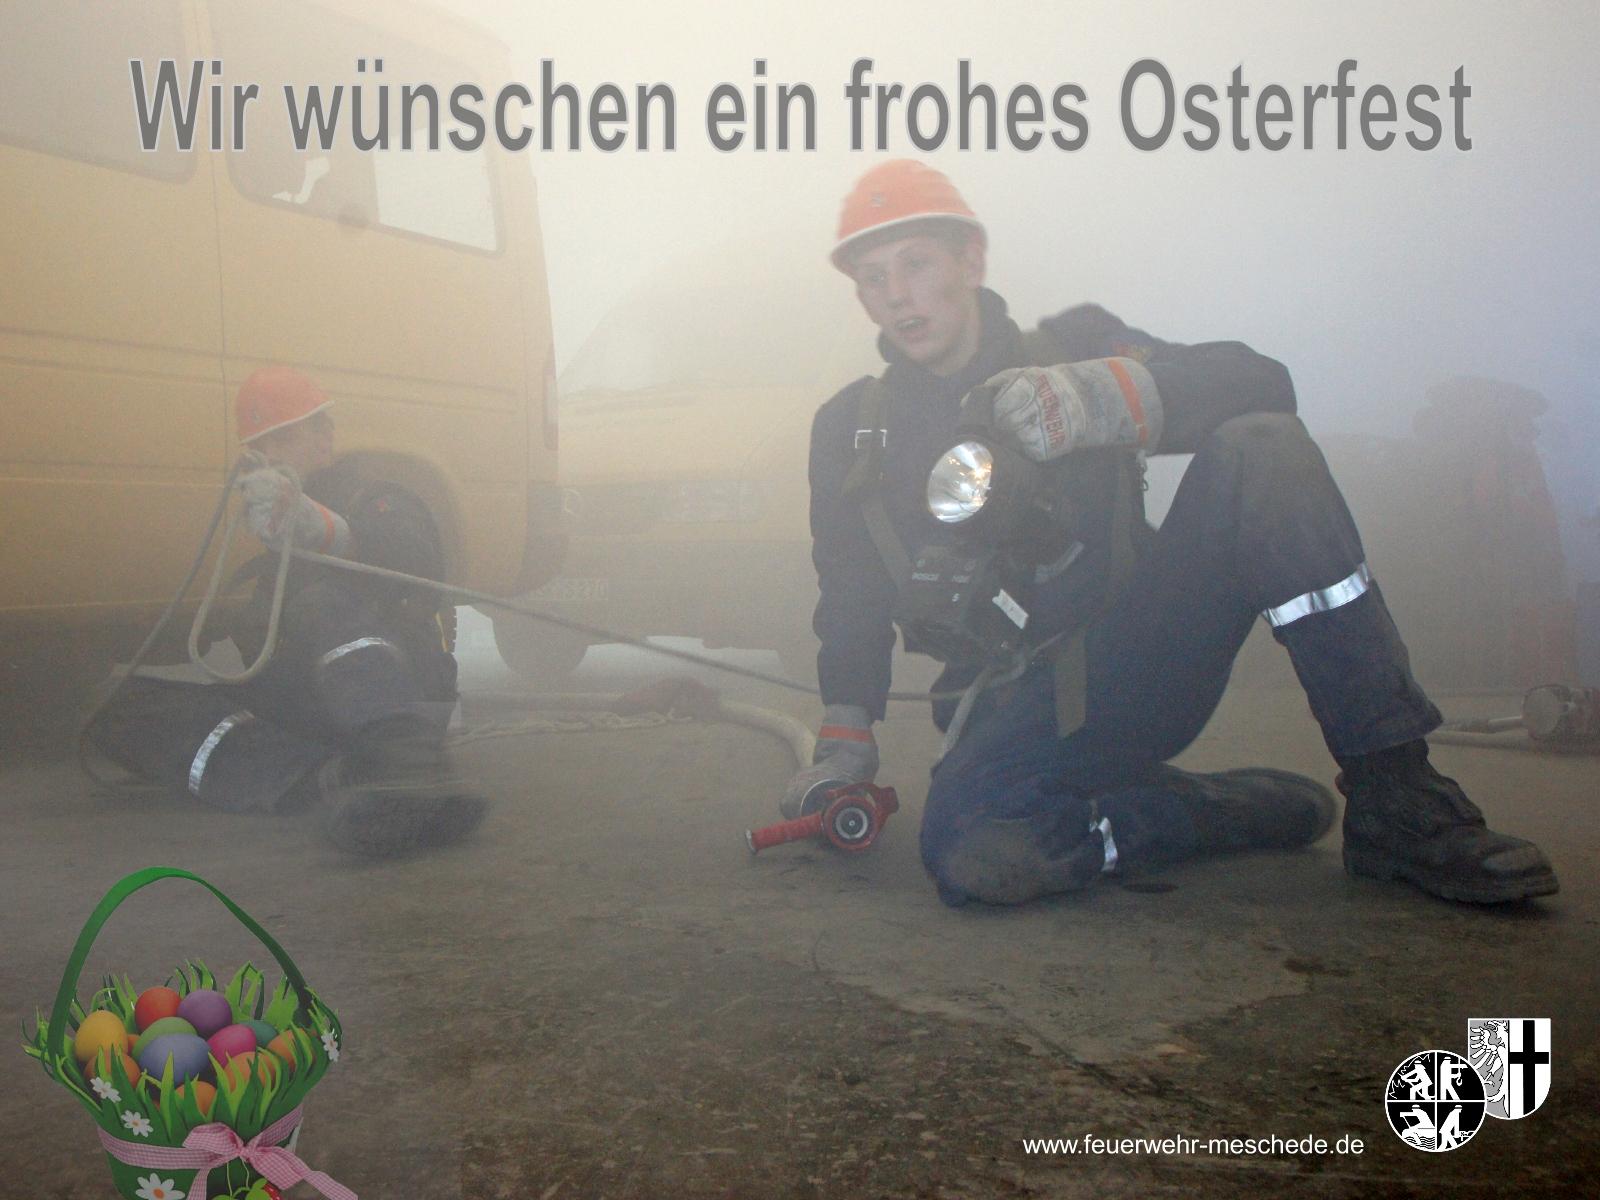 stadt_aktivitaeten_2017/Ostergruss_2017.jpeg